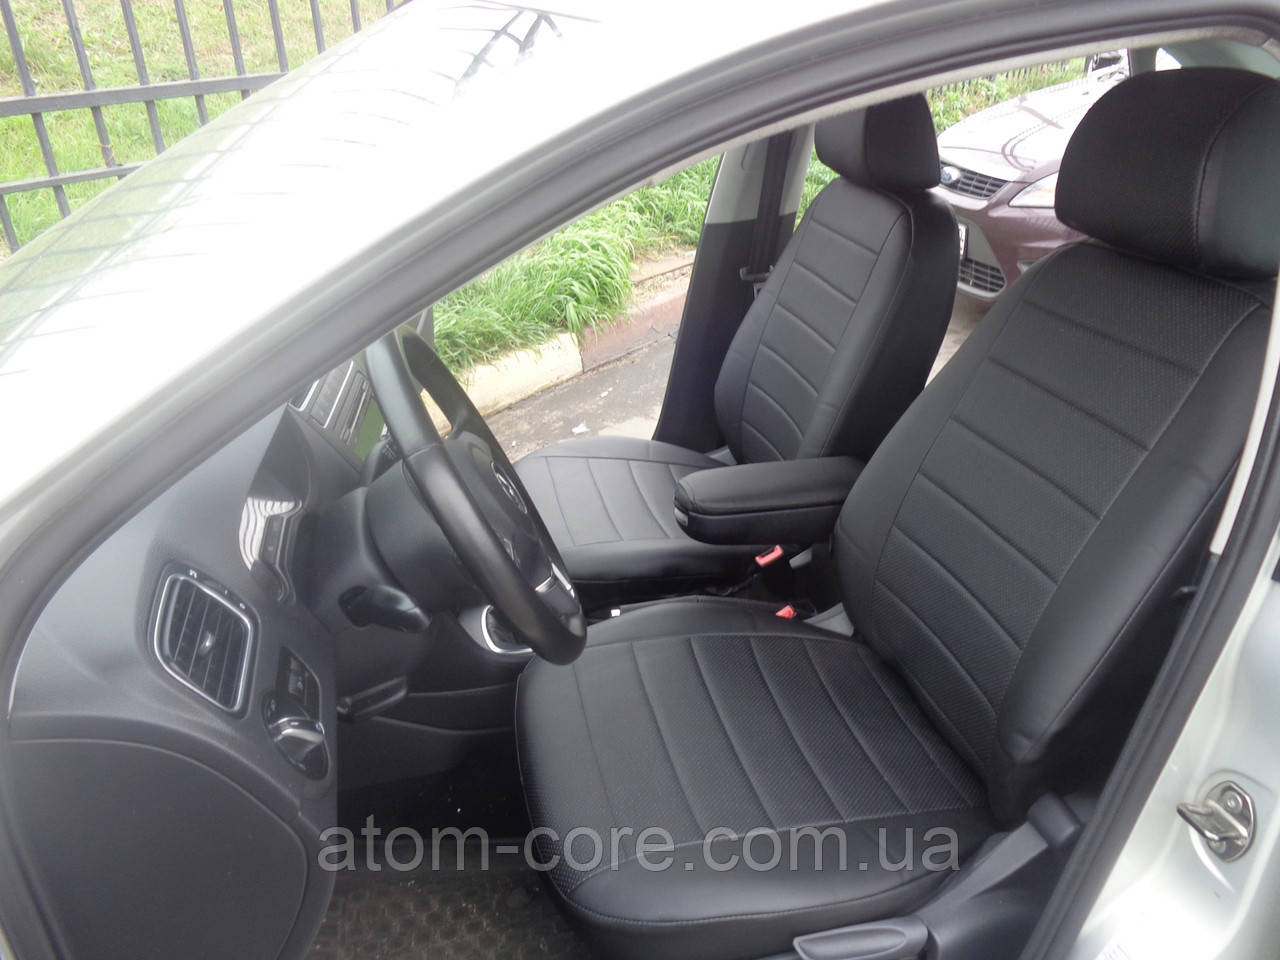 Авточехлы модельные чехлы Эко-кожа Комбинированные Volkswagen Polo III Фольксваген Поло 3  Оригинал